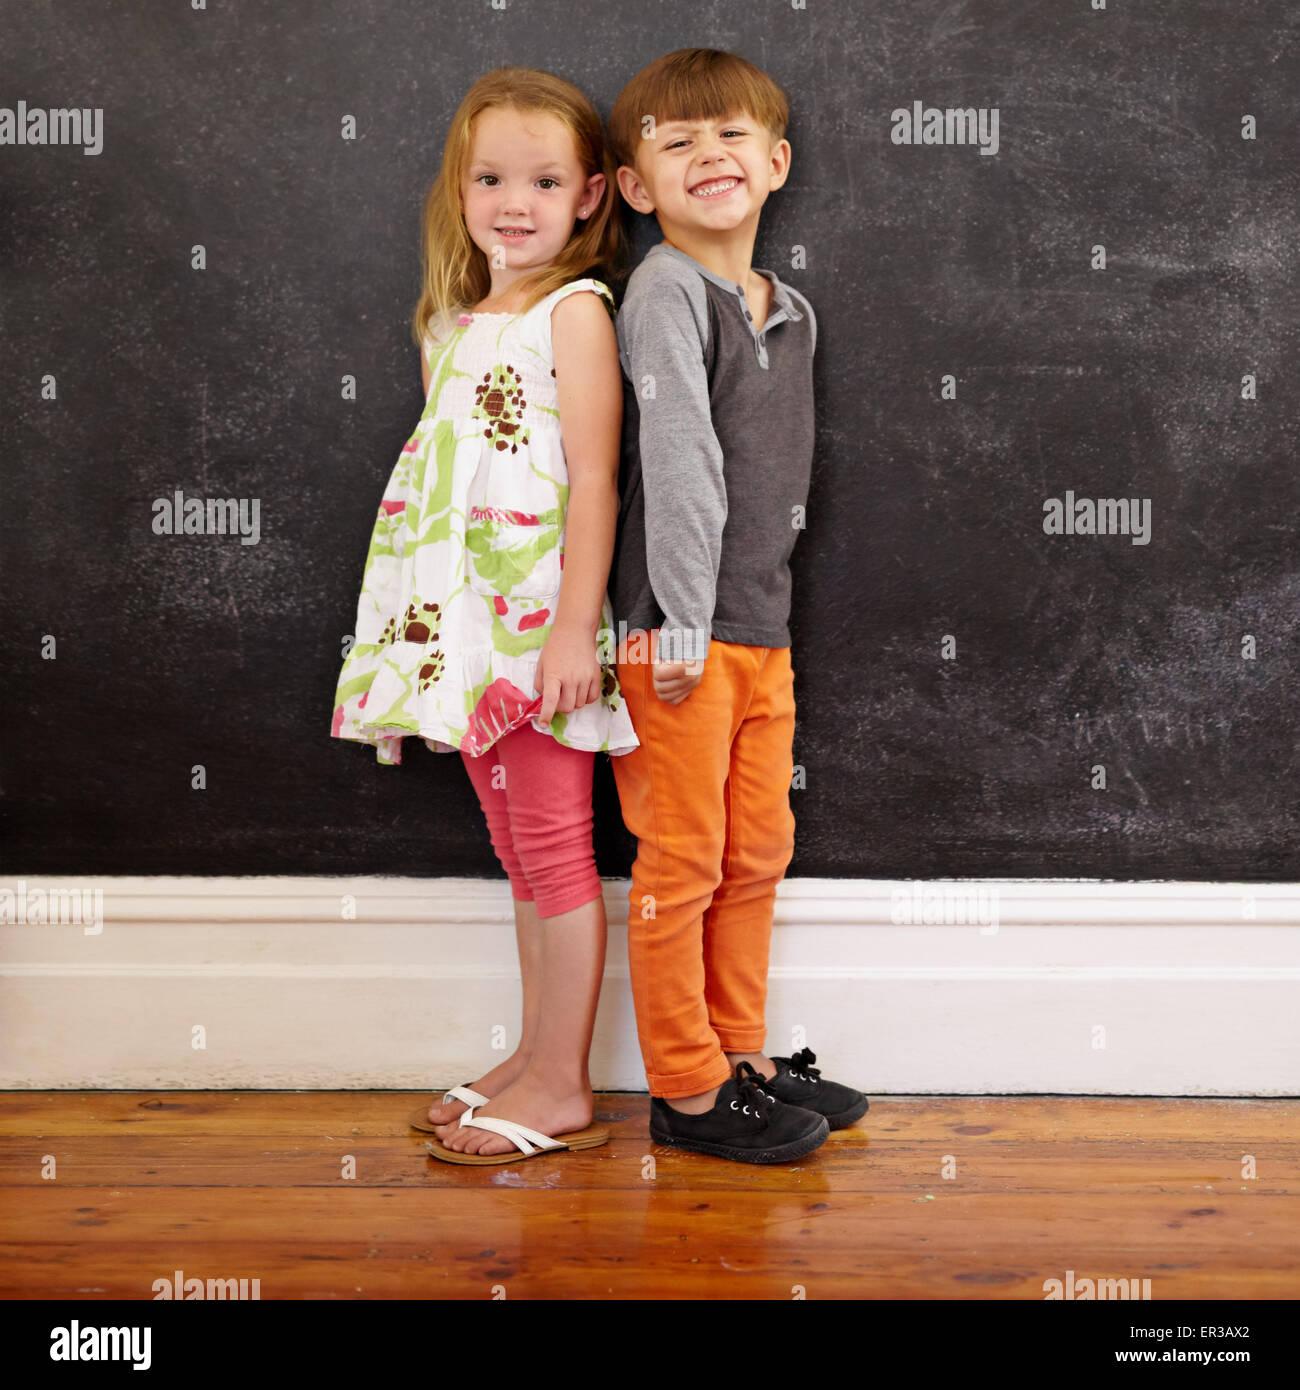 Poco un ragazzo e una ragazza in piedi di schiena nella parte anteriore di blackboard guardando la telecamera sorridendo. Immagini Stock